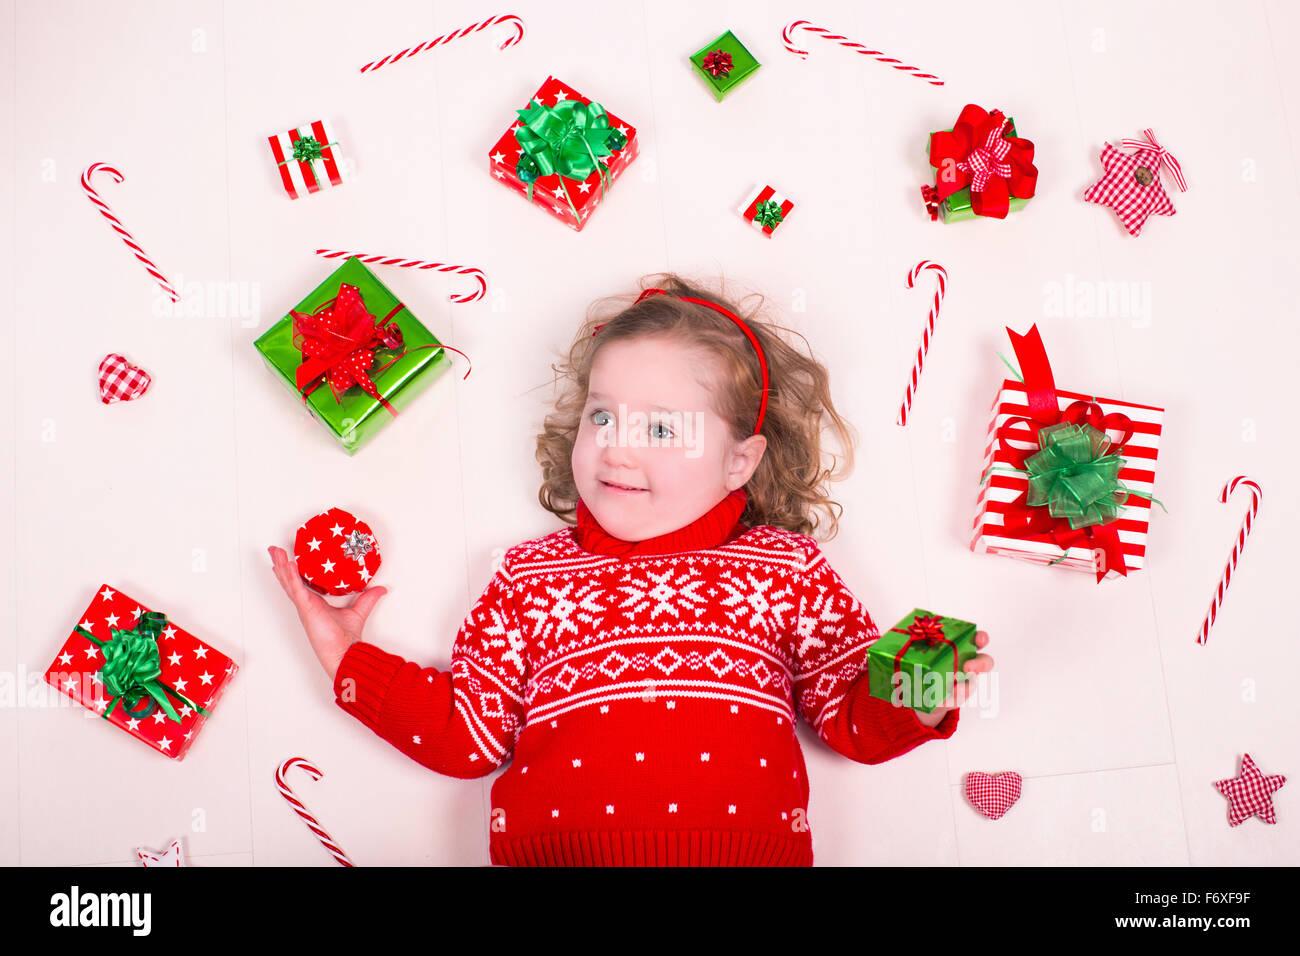 Kinder Weihnachtsgeschenke zu öffnen. Kleines Mädchen im Winter ...